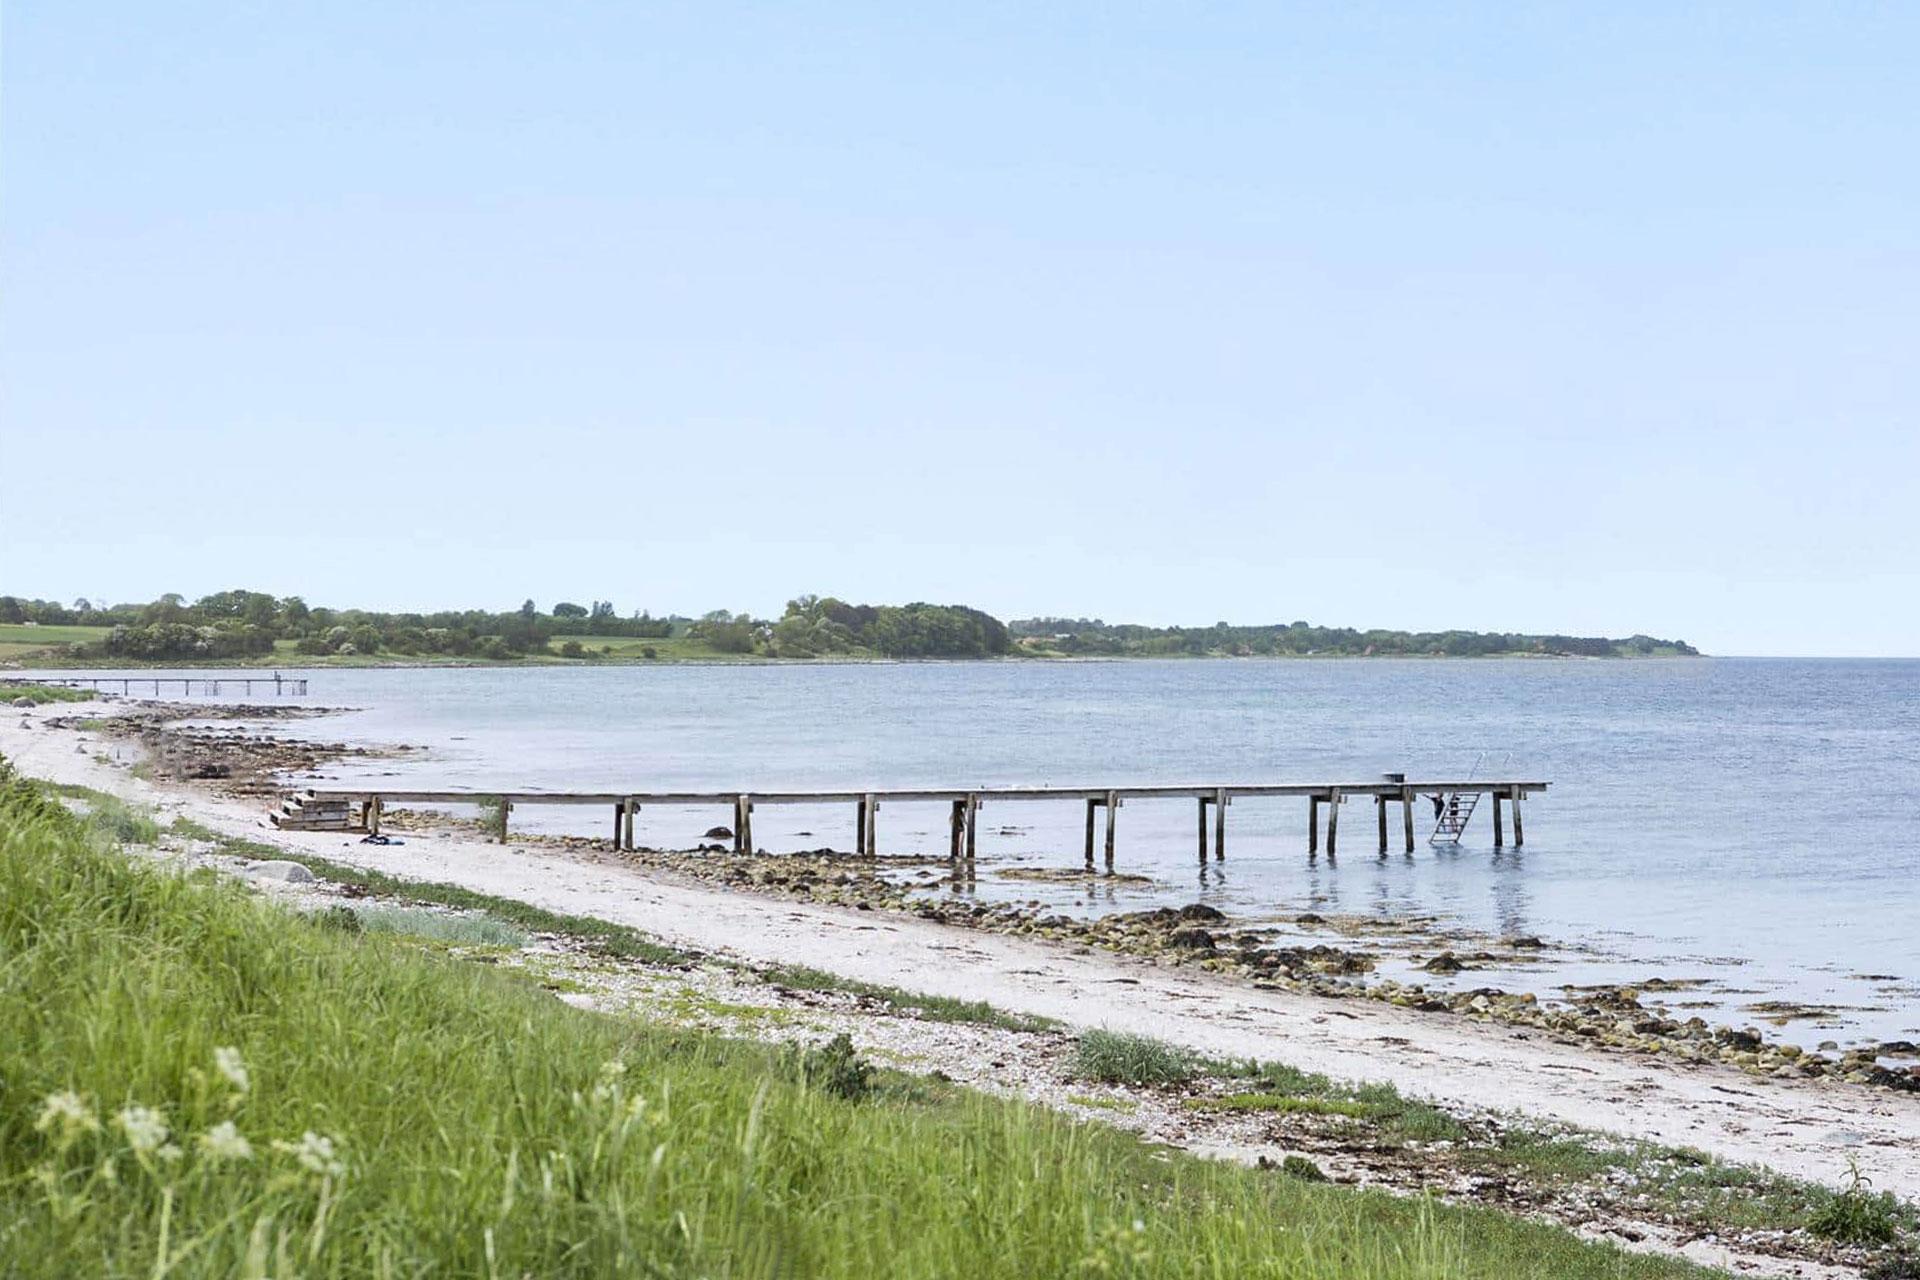 Vollerup Strand